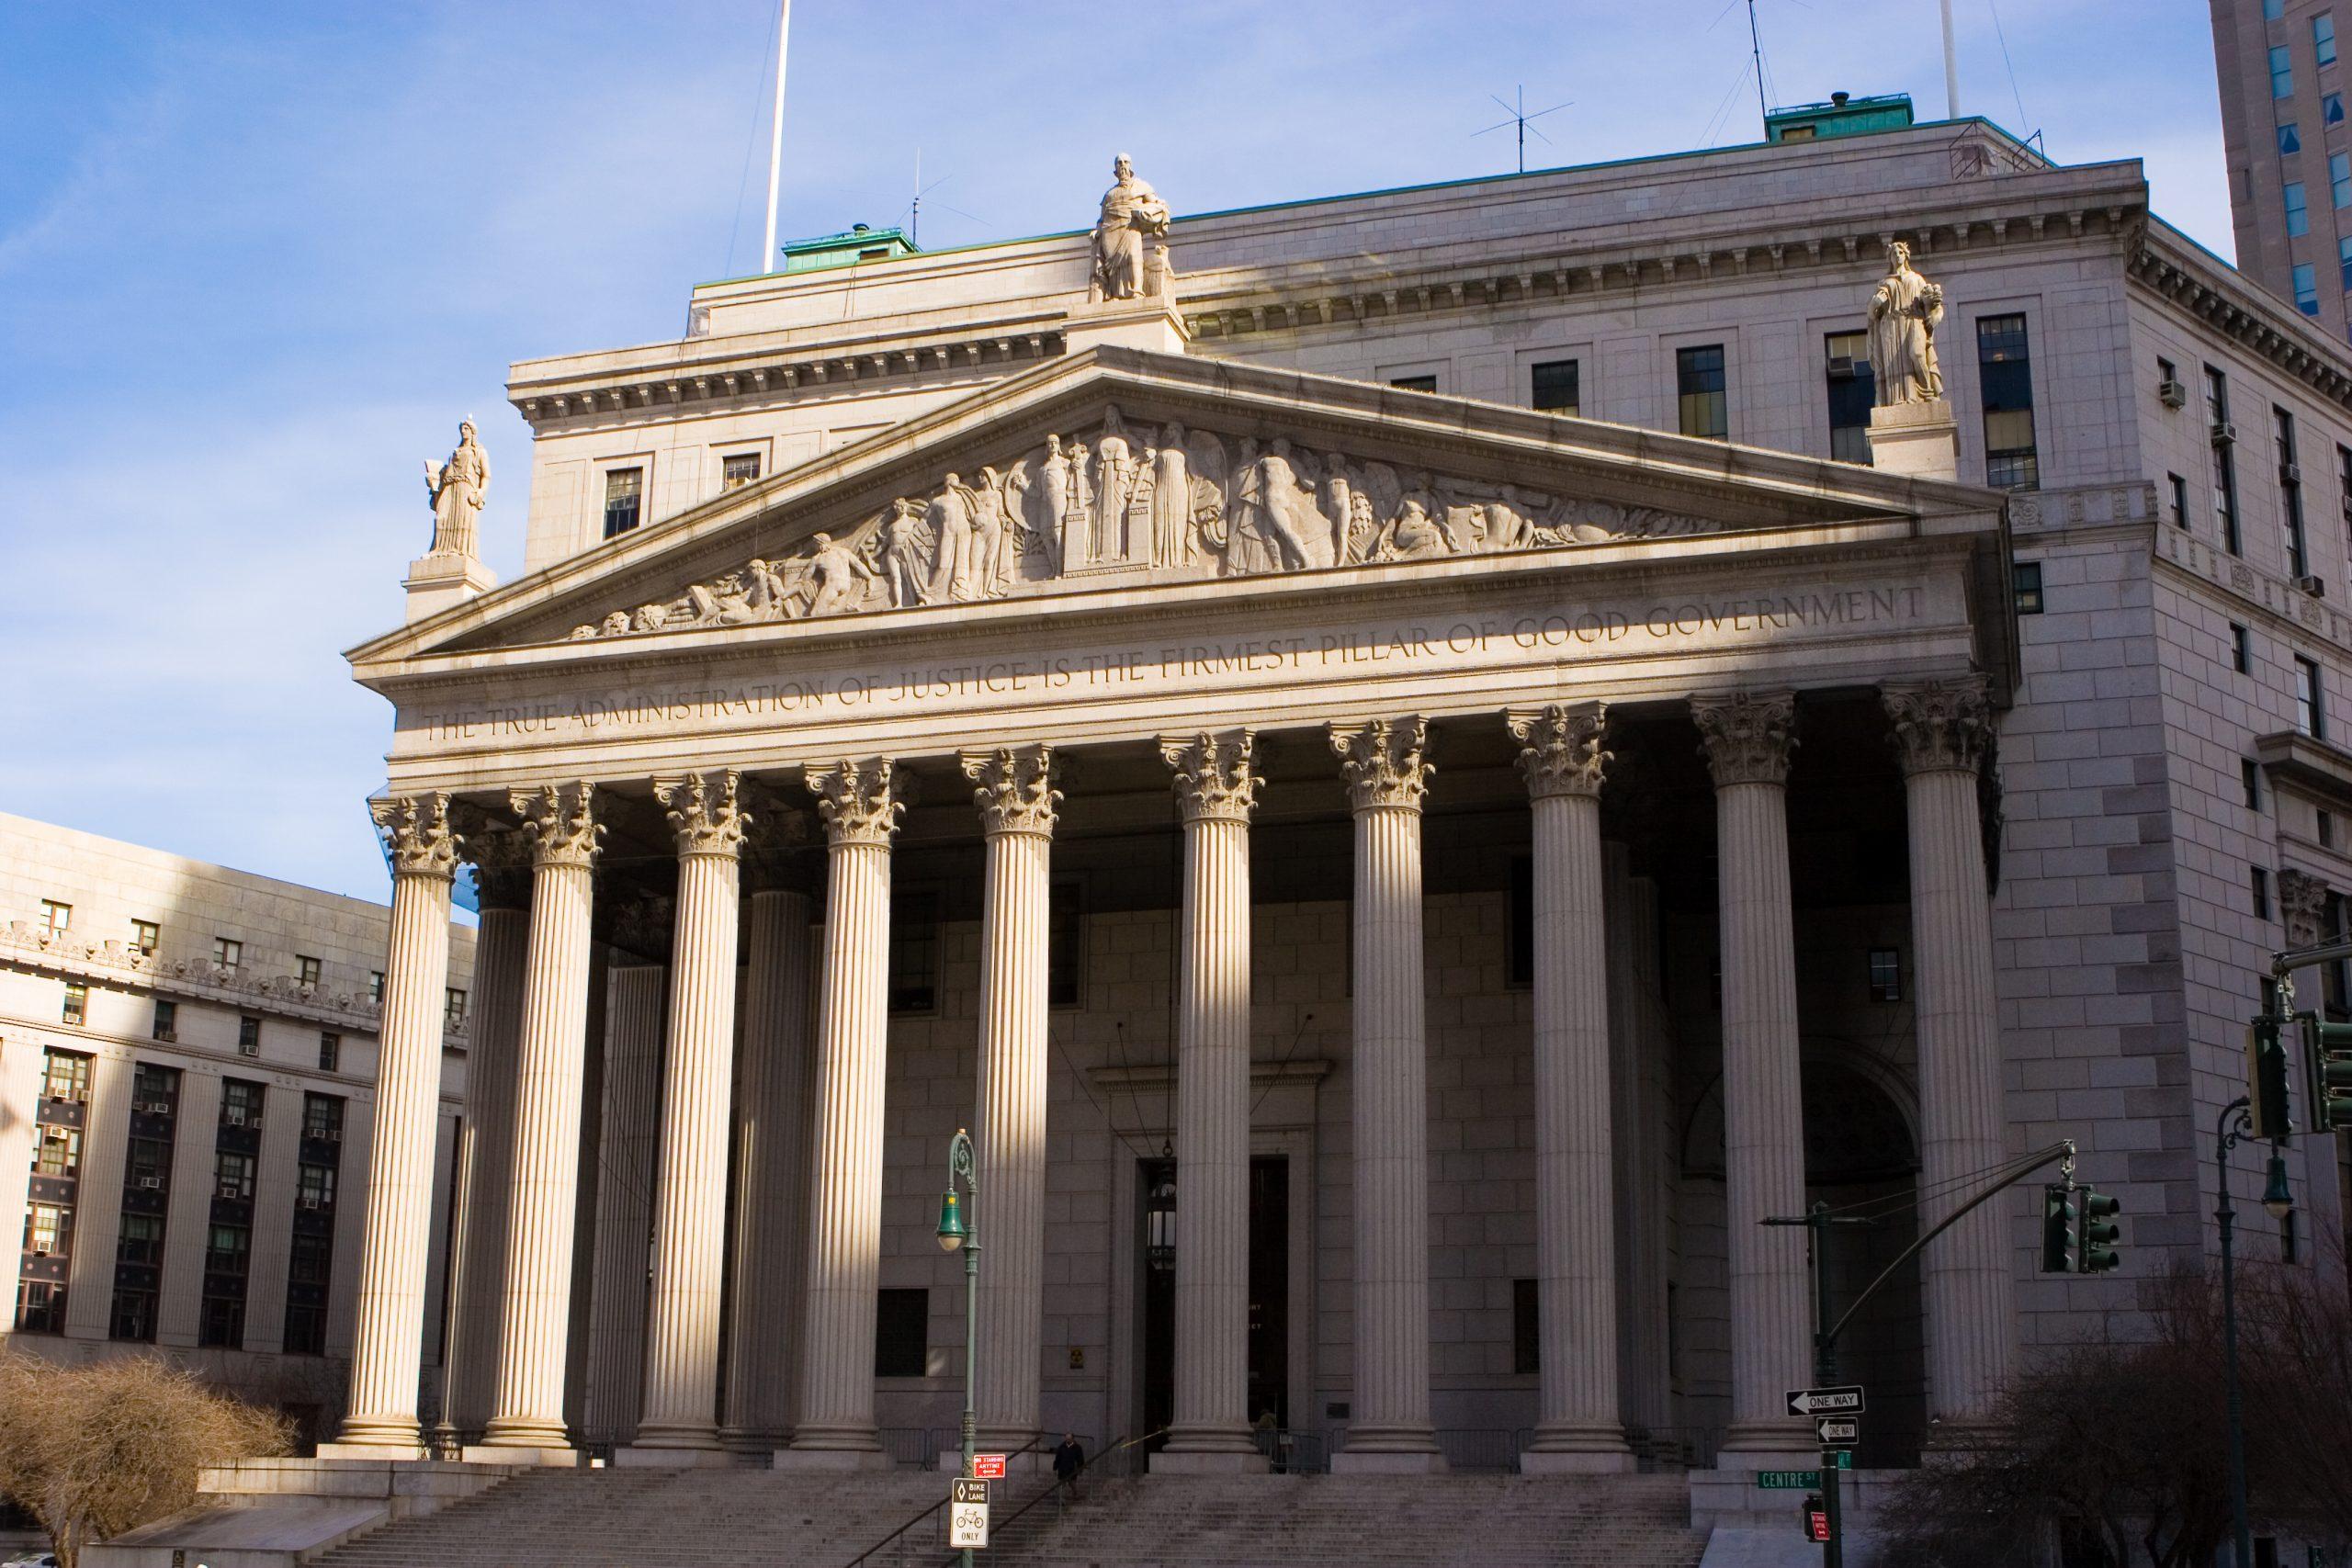 نظام المحاكم الفيدرالية في امريكا - 3 مستويات رئيسية